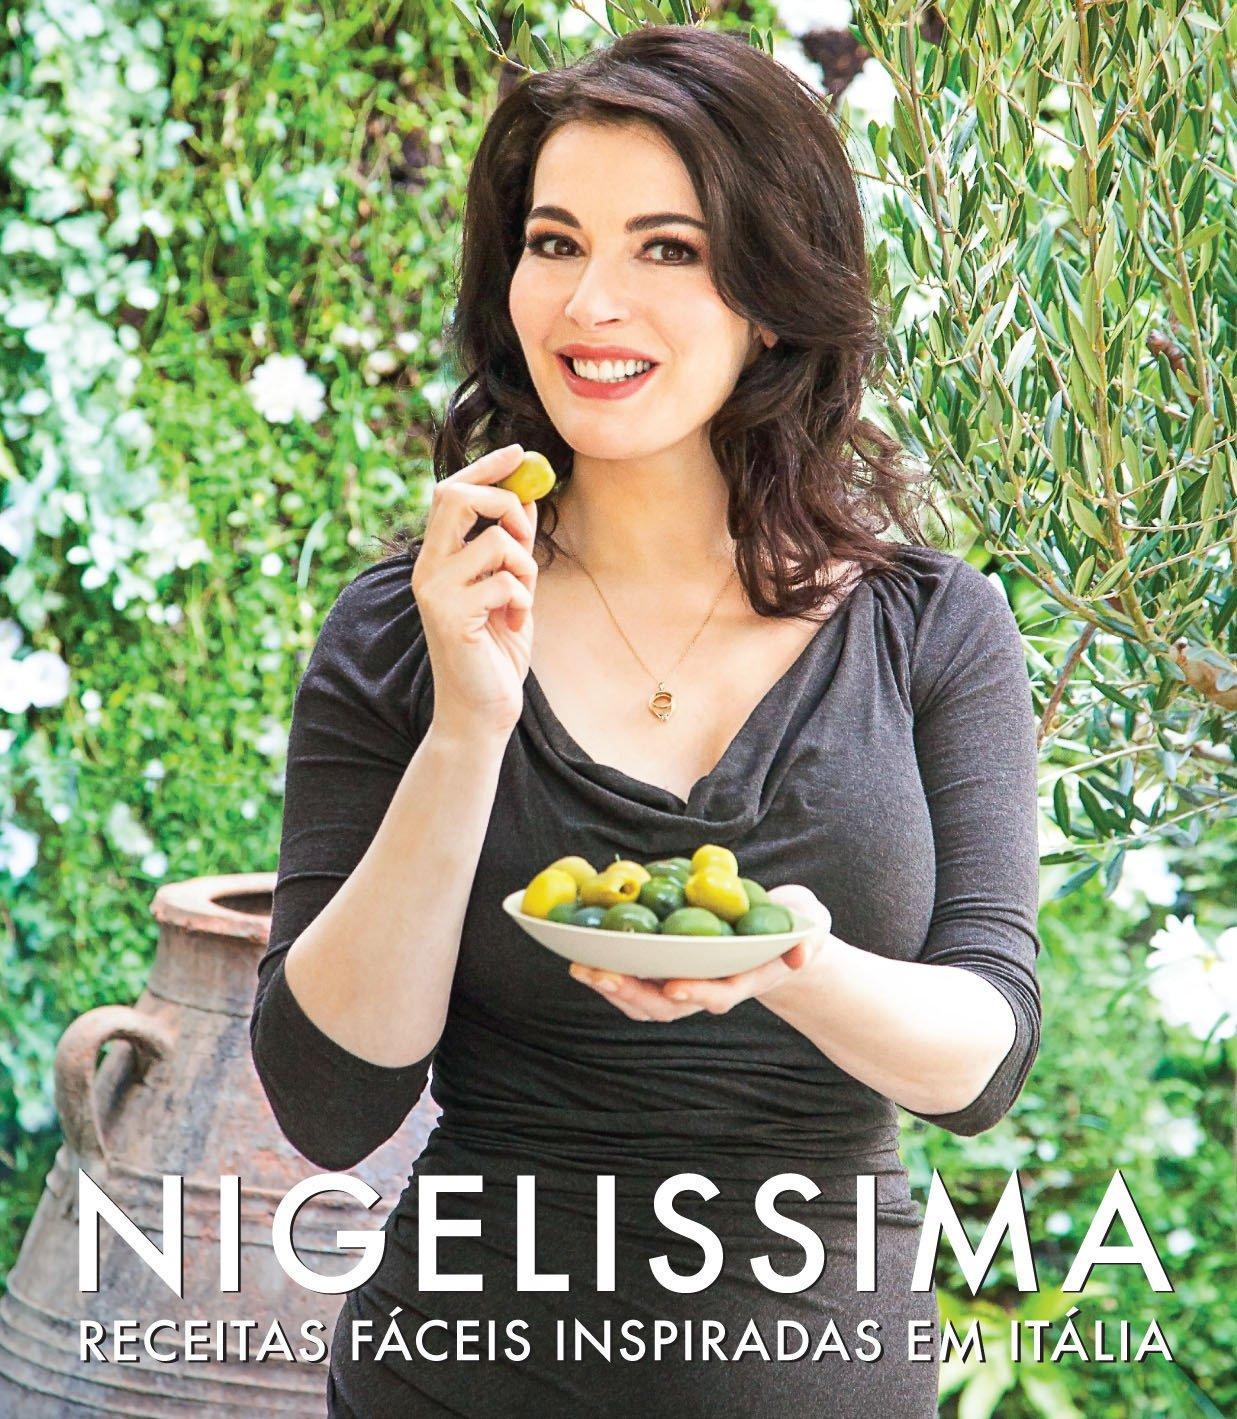 Nigelissima